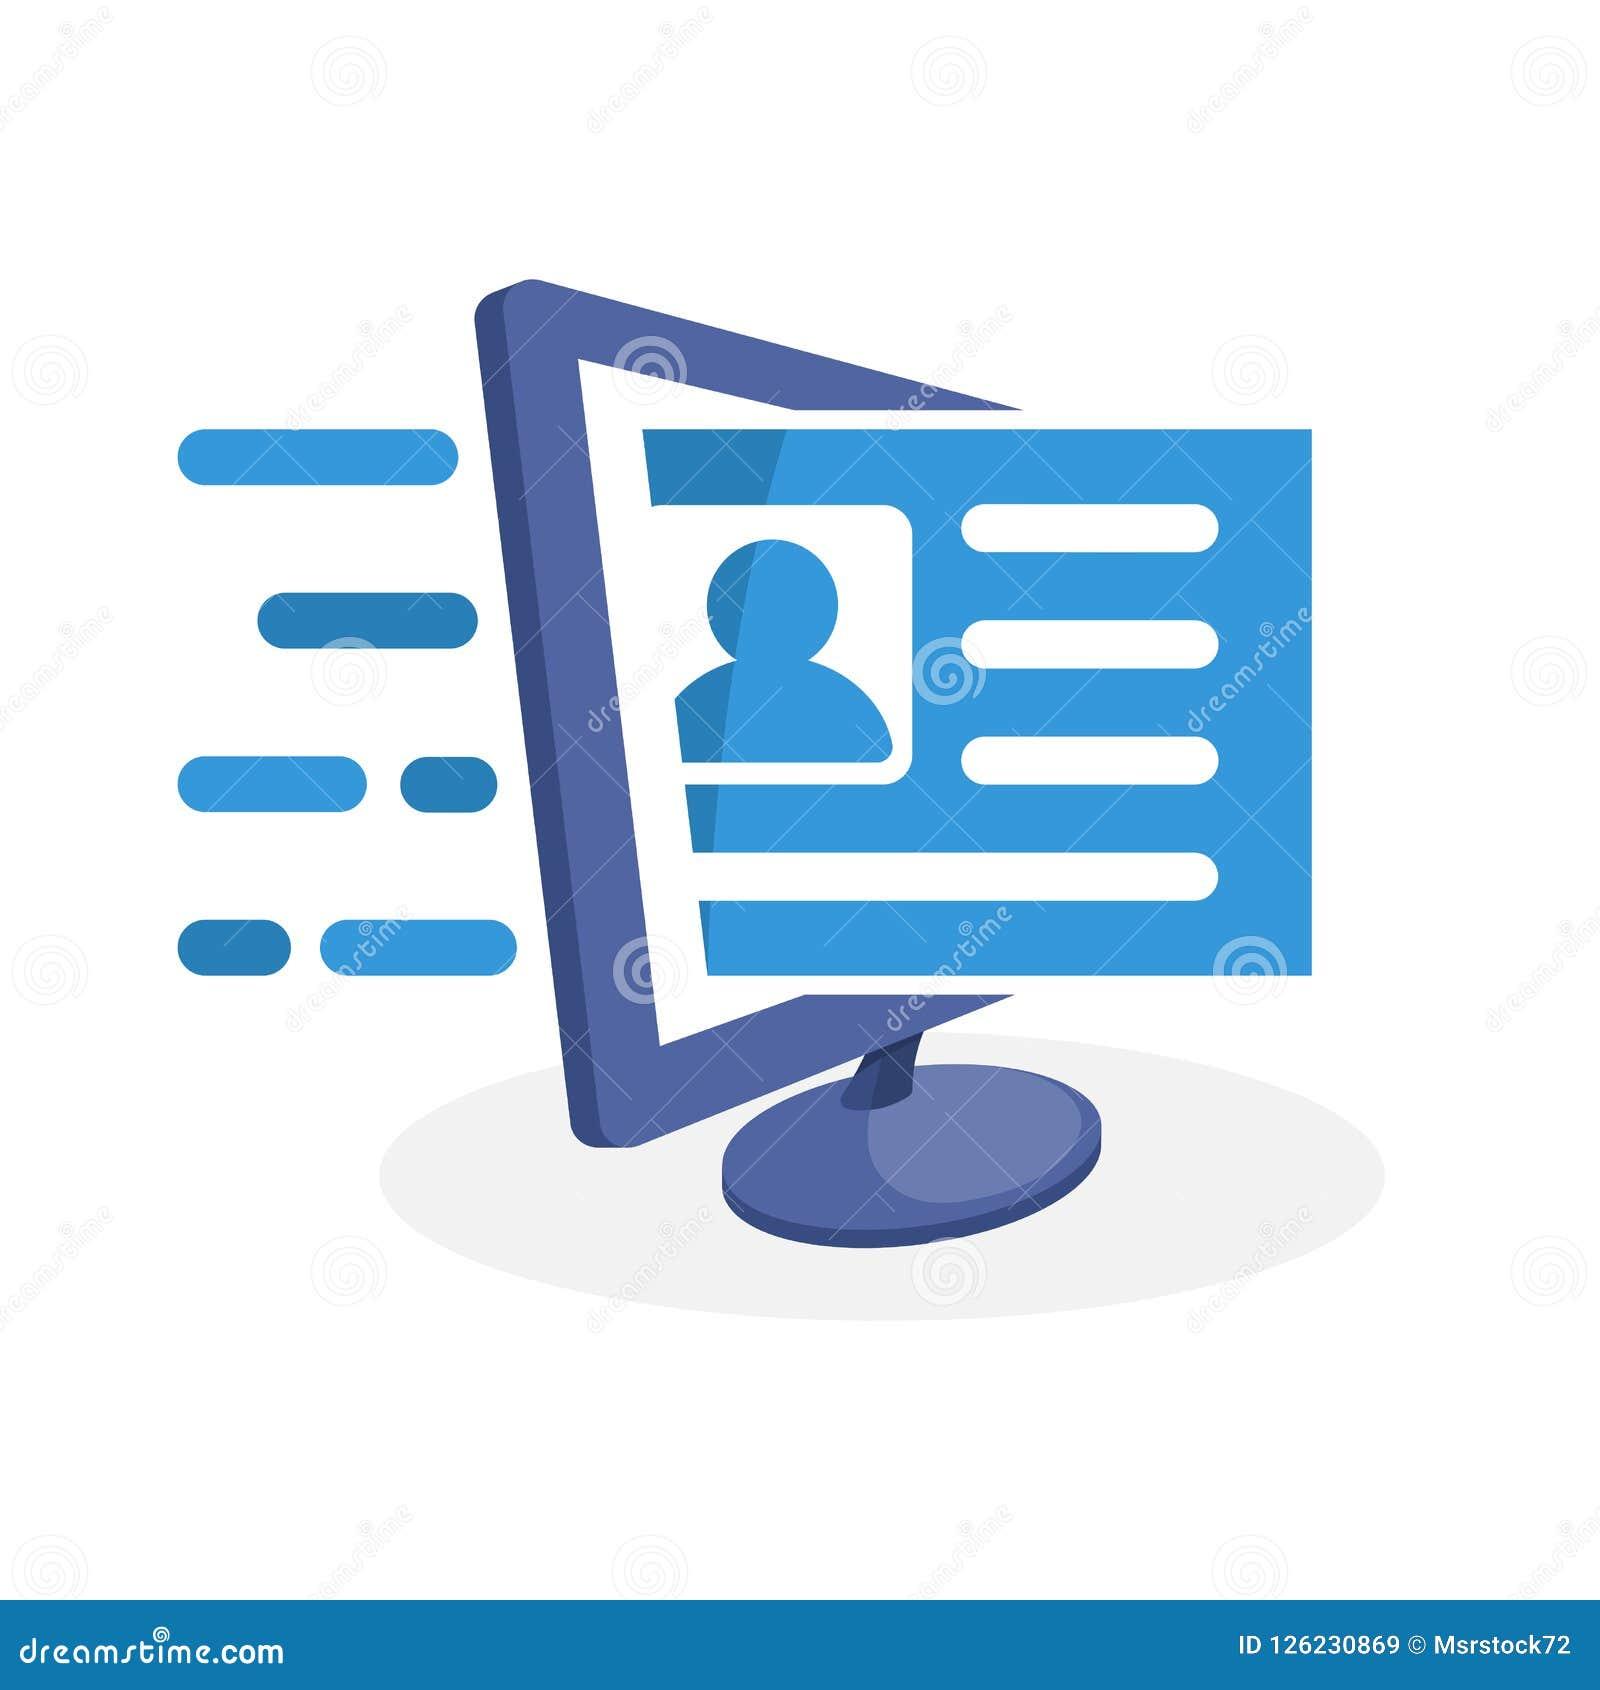 Vektorillustrationsymbol med digitalt massmediabegrepp om online-registrering